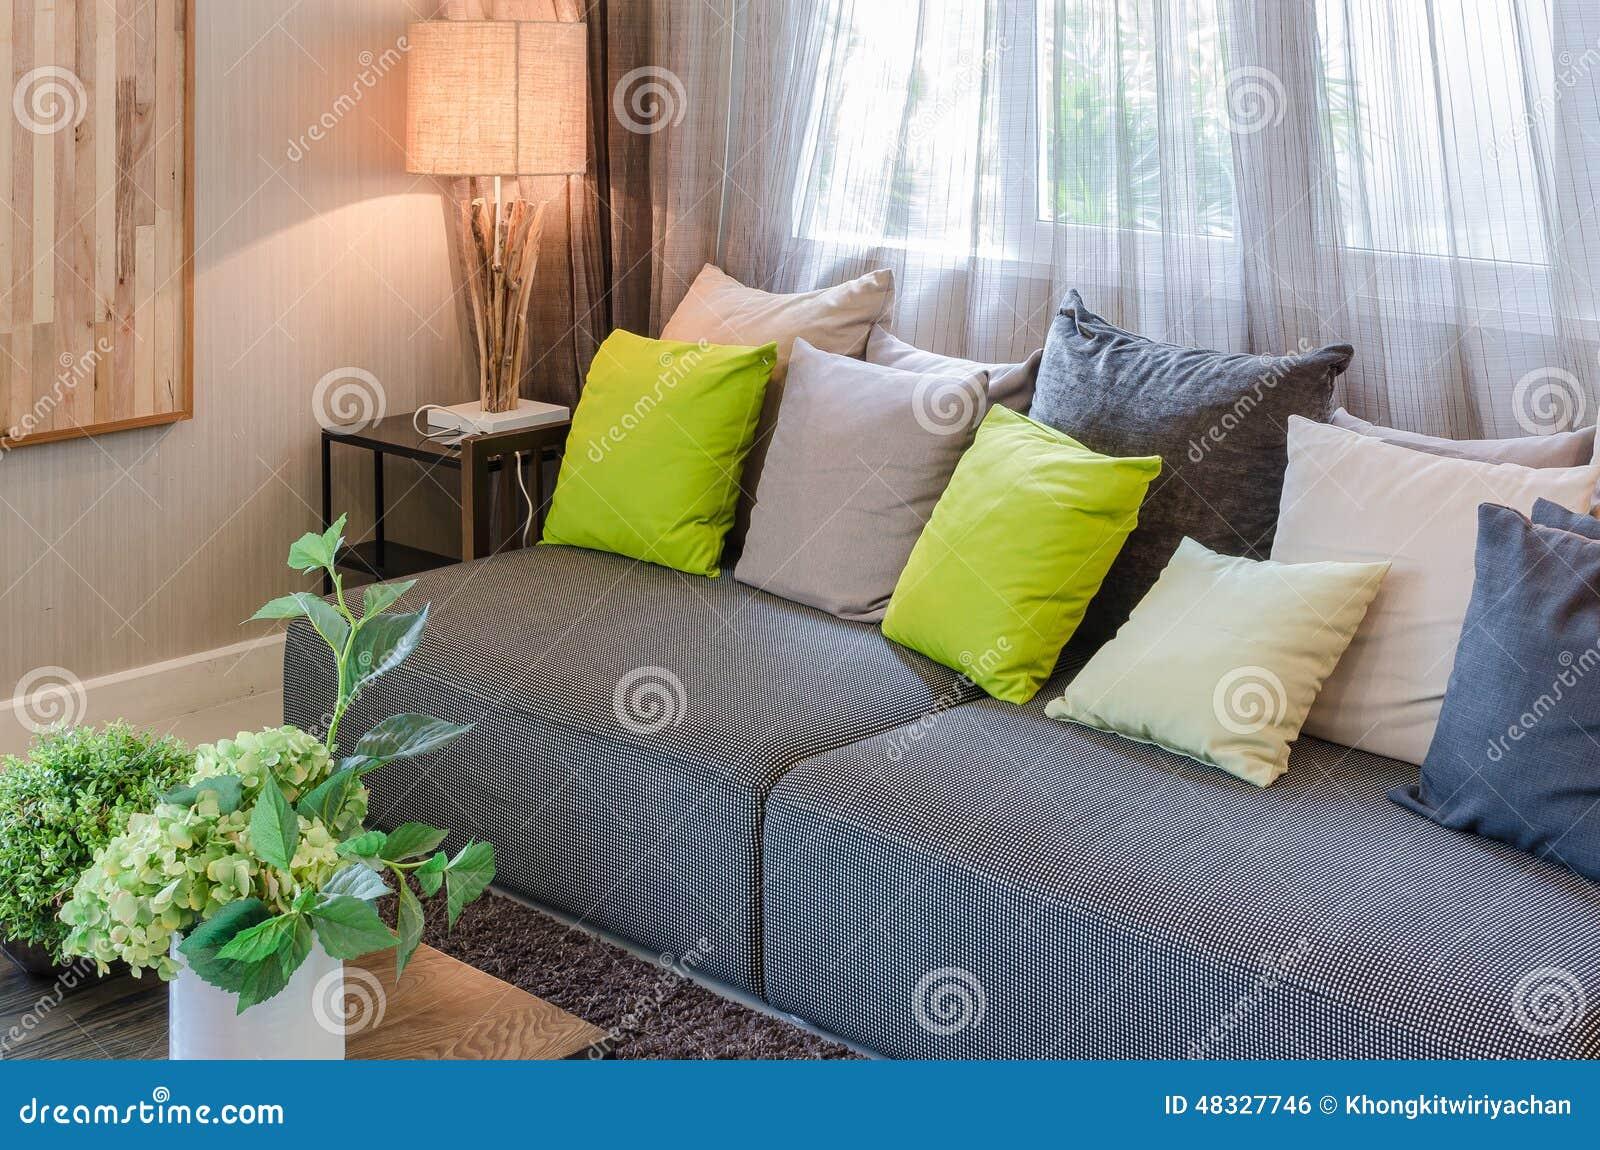 Download Graues Sofa Und Grüne Kissen Im Wohnzimmer Stockfoto   Bild Von  Lampe, Leuchte: